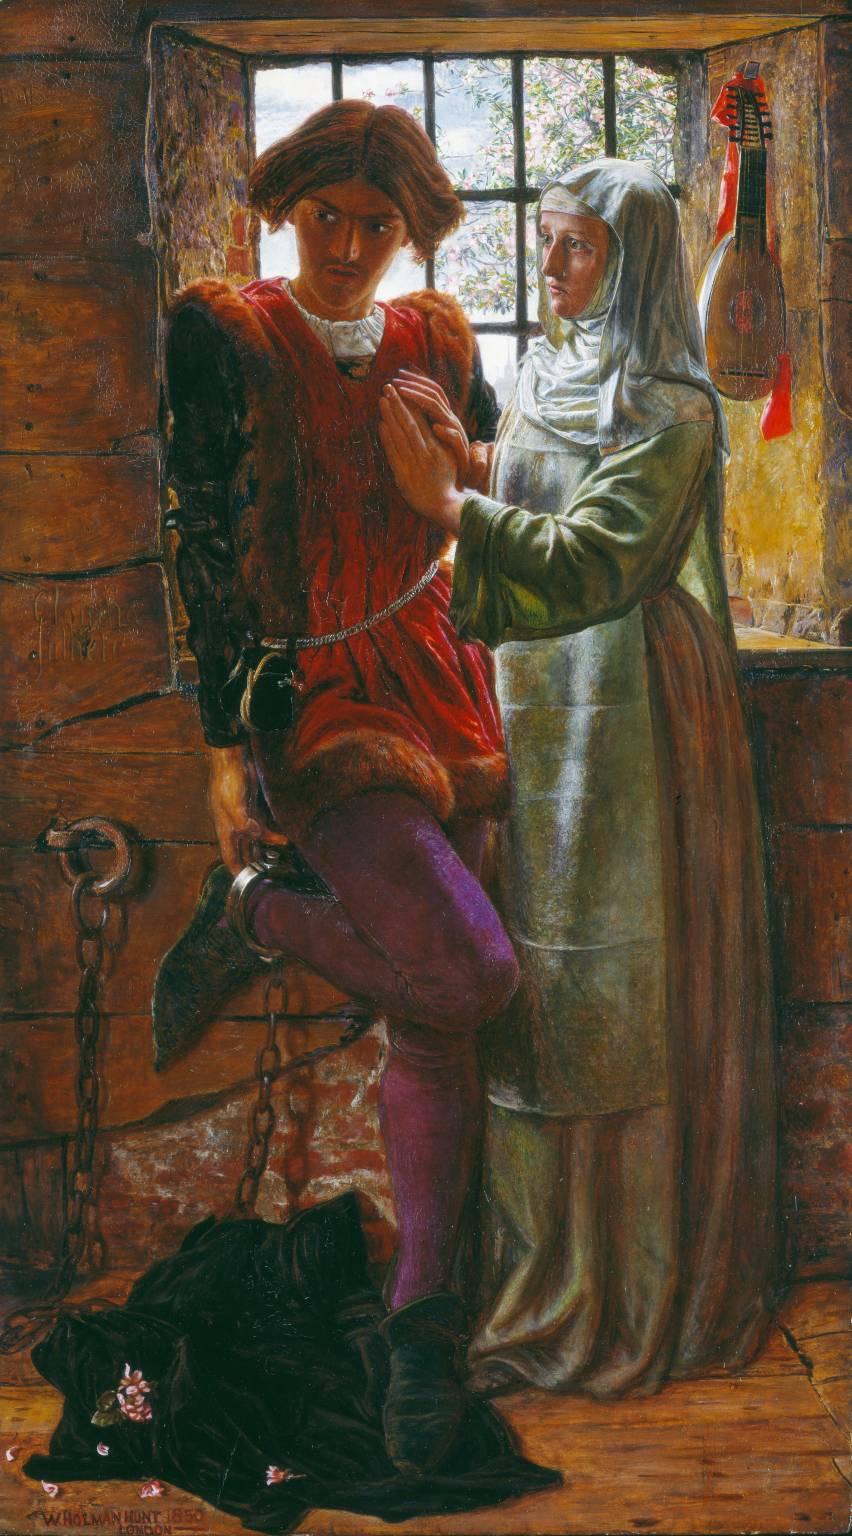 William Hunt - Claudio and Isabella